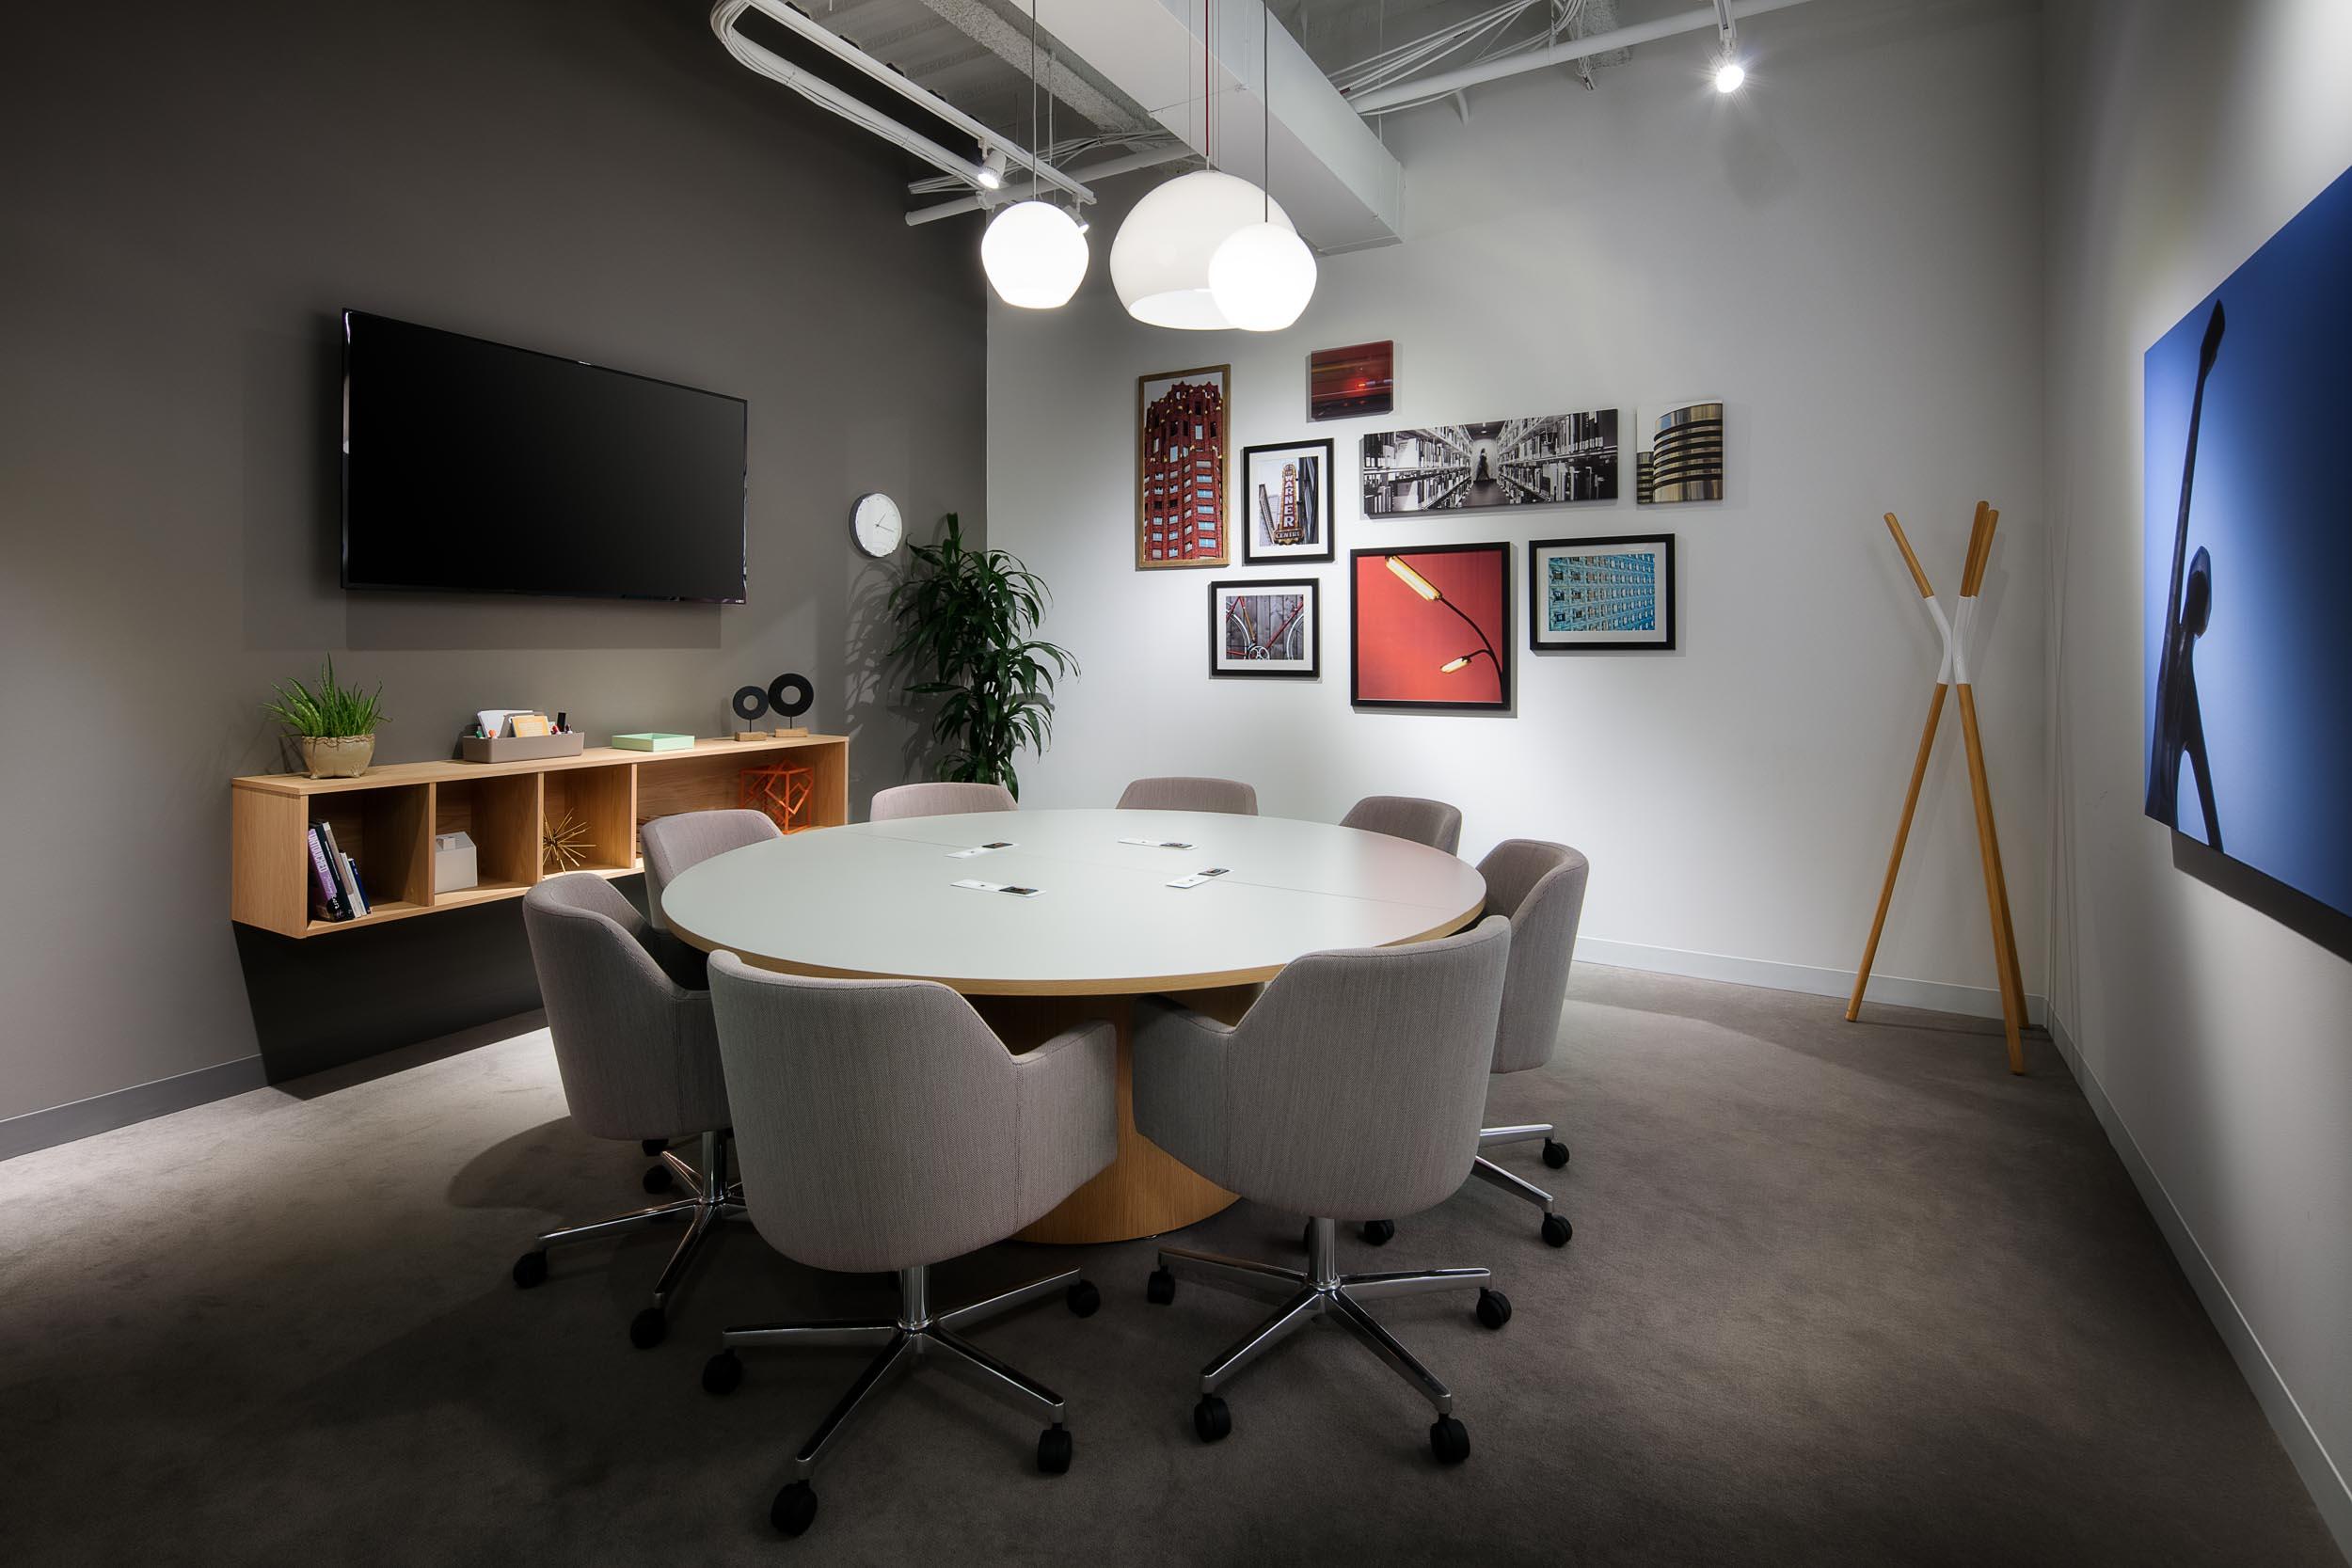 regus_spaces_office_workplace_coworking-3.jpg